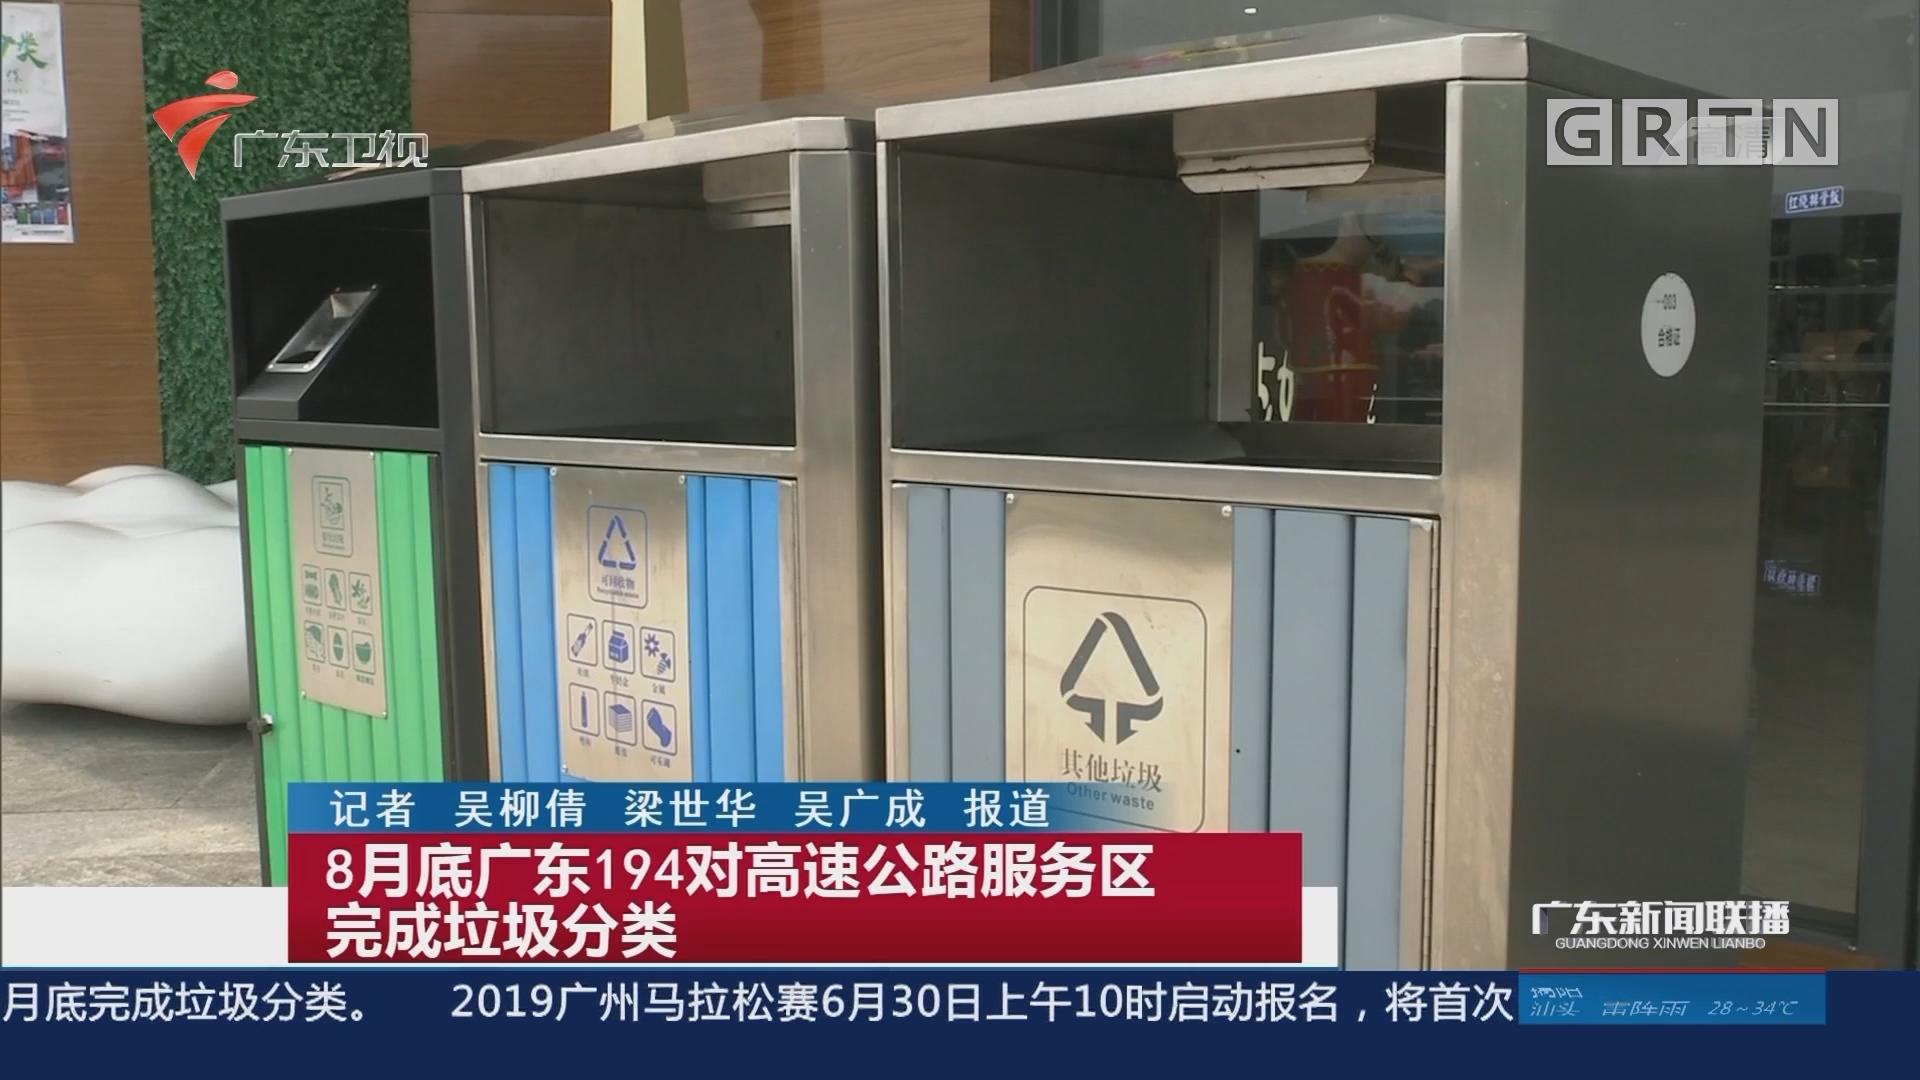 8月底廣東194對高速公路服務區完成垃圾分類